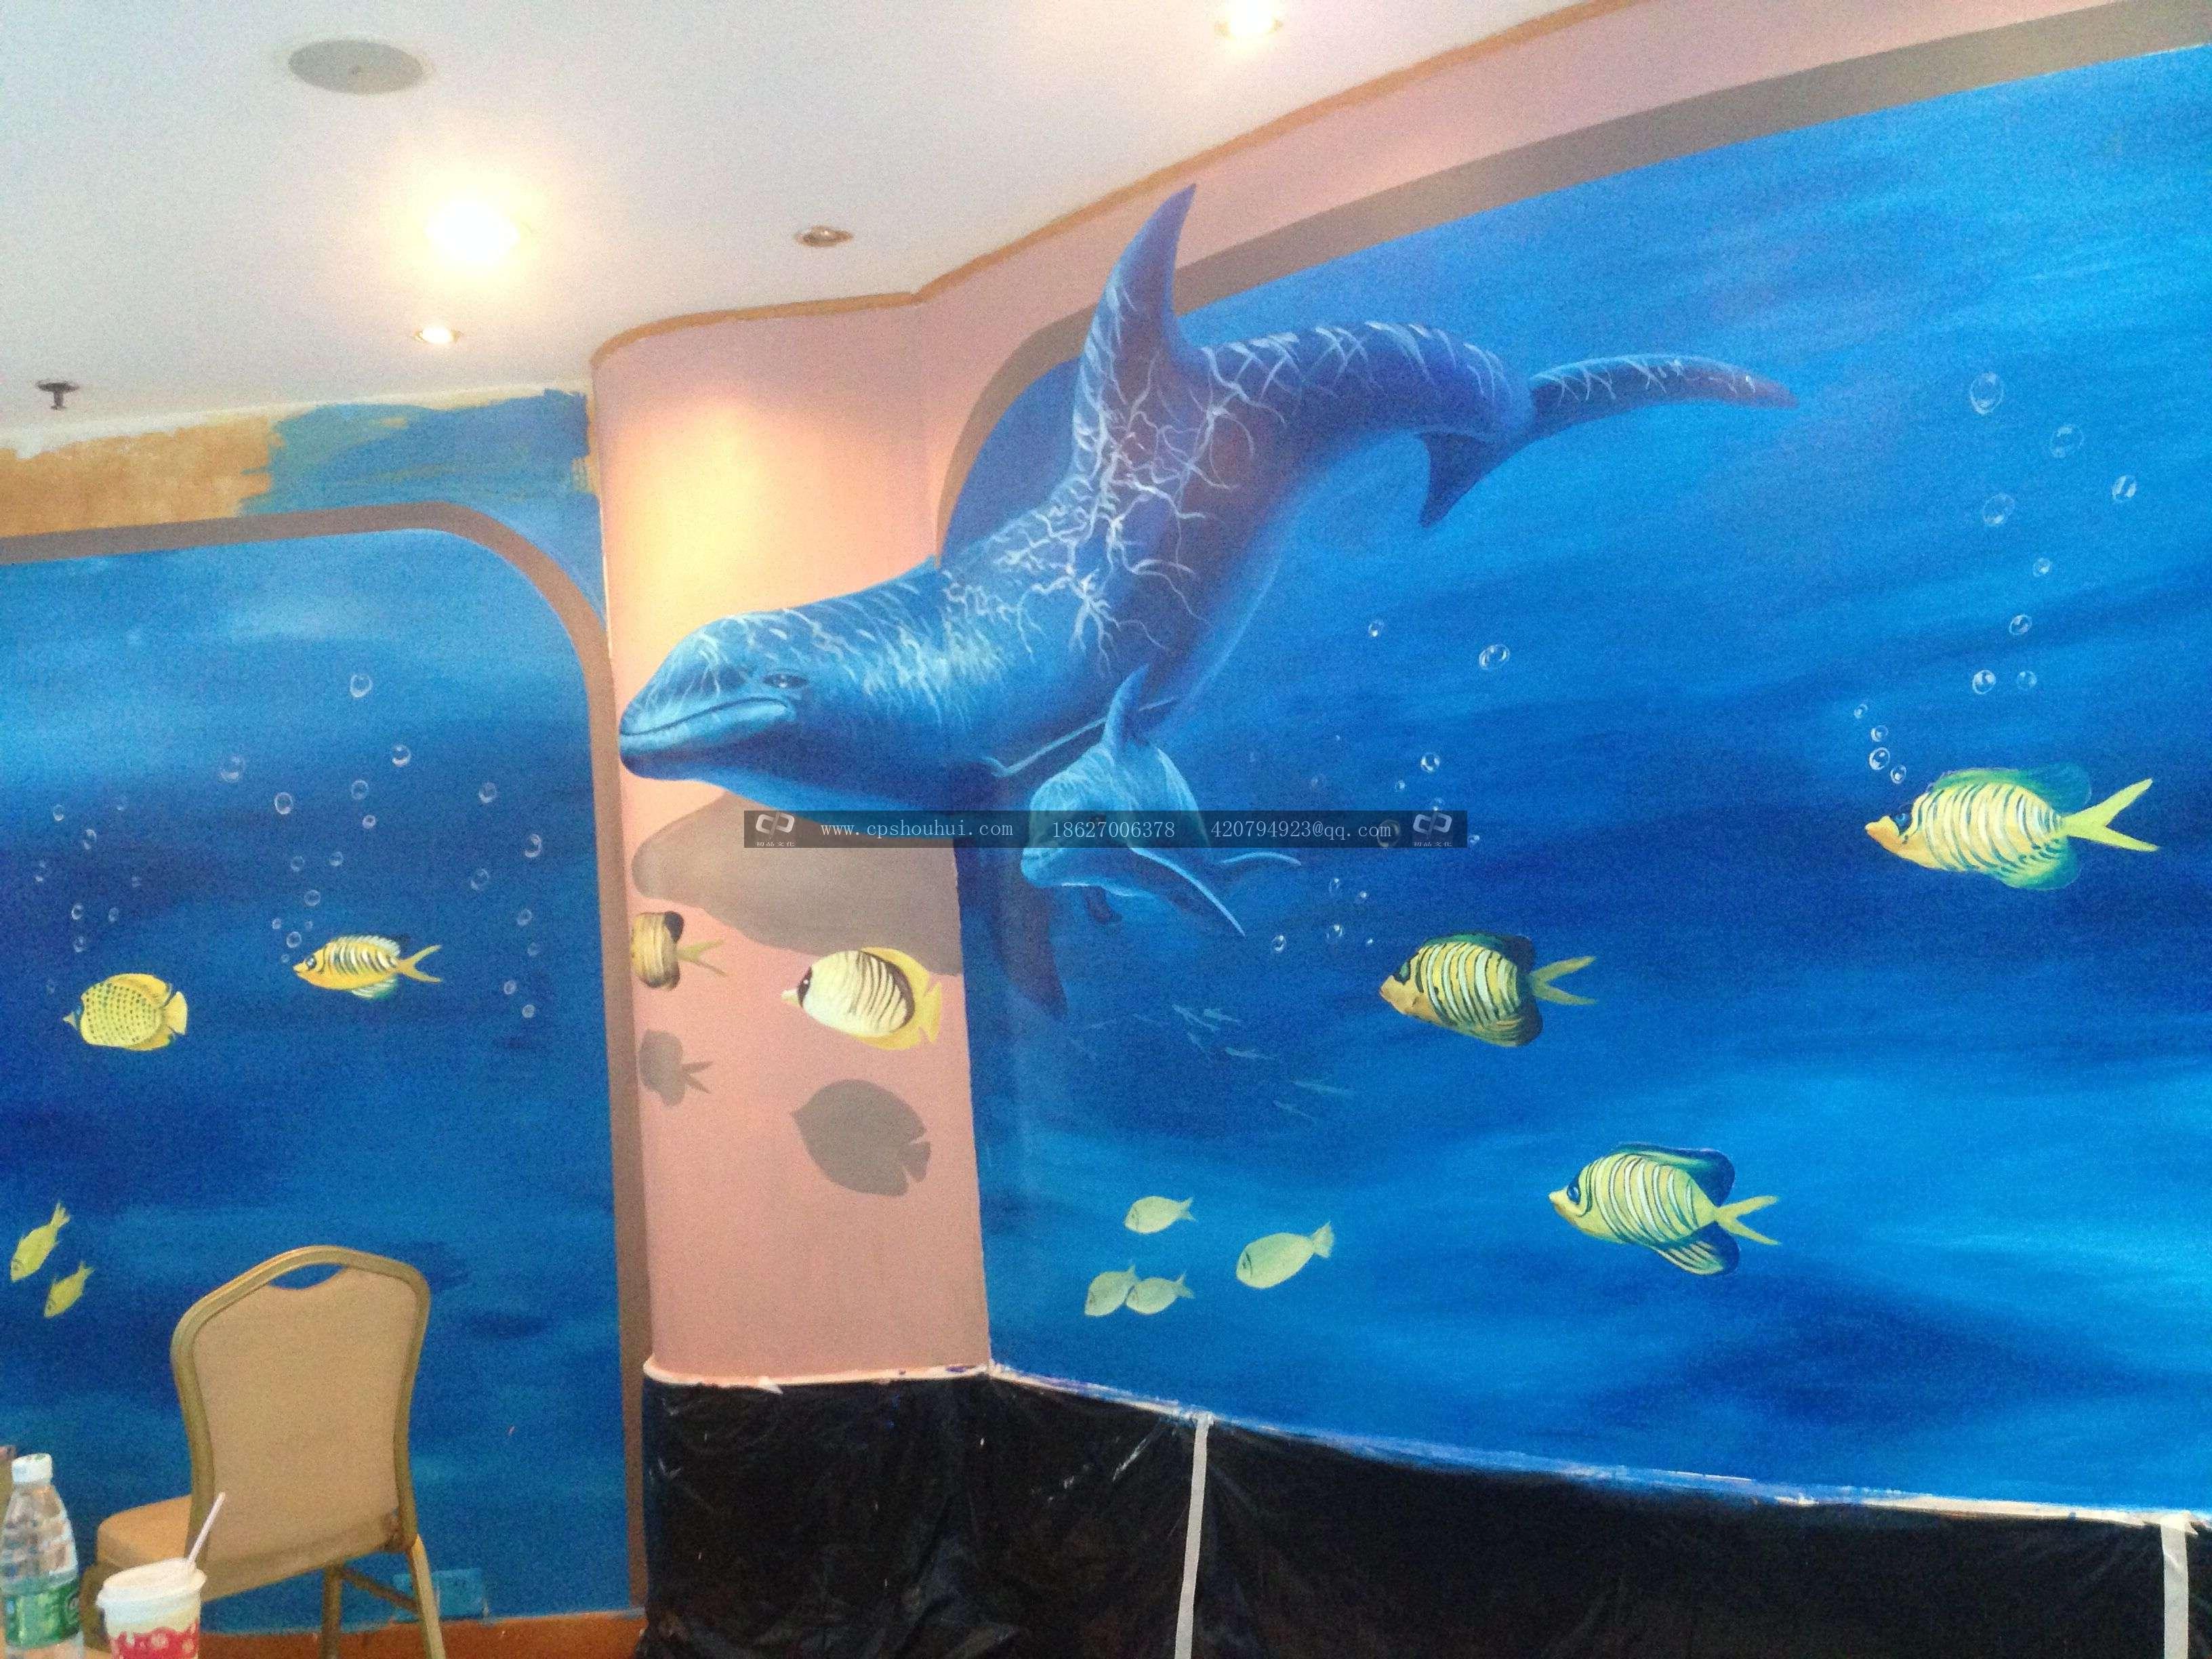 华美达酒店3d手绘墙壁画